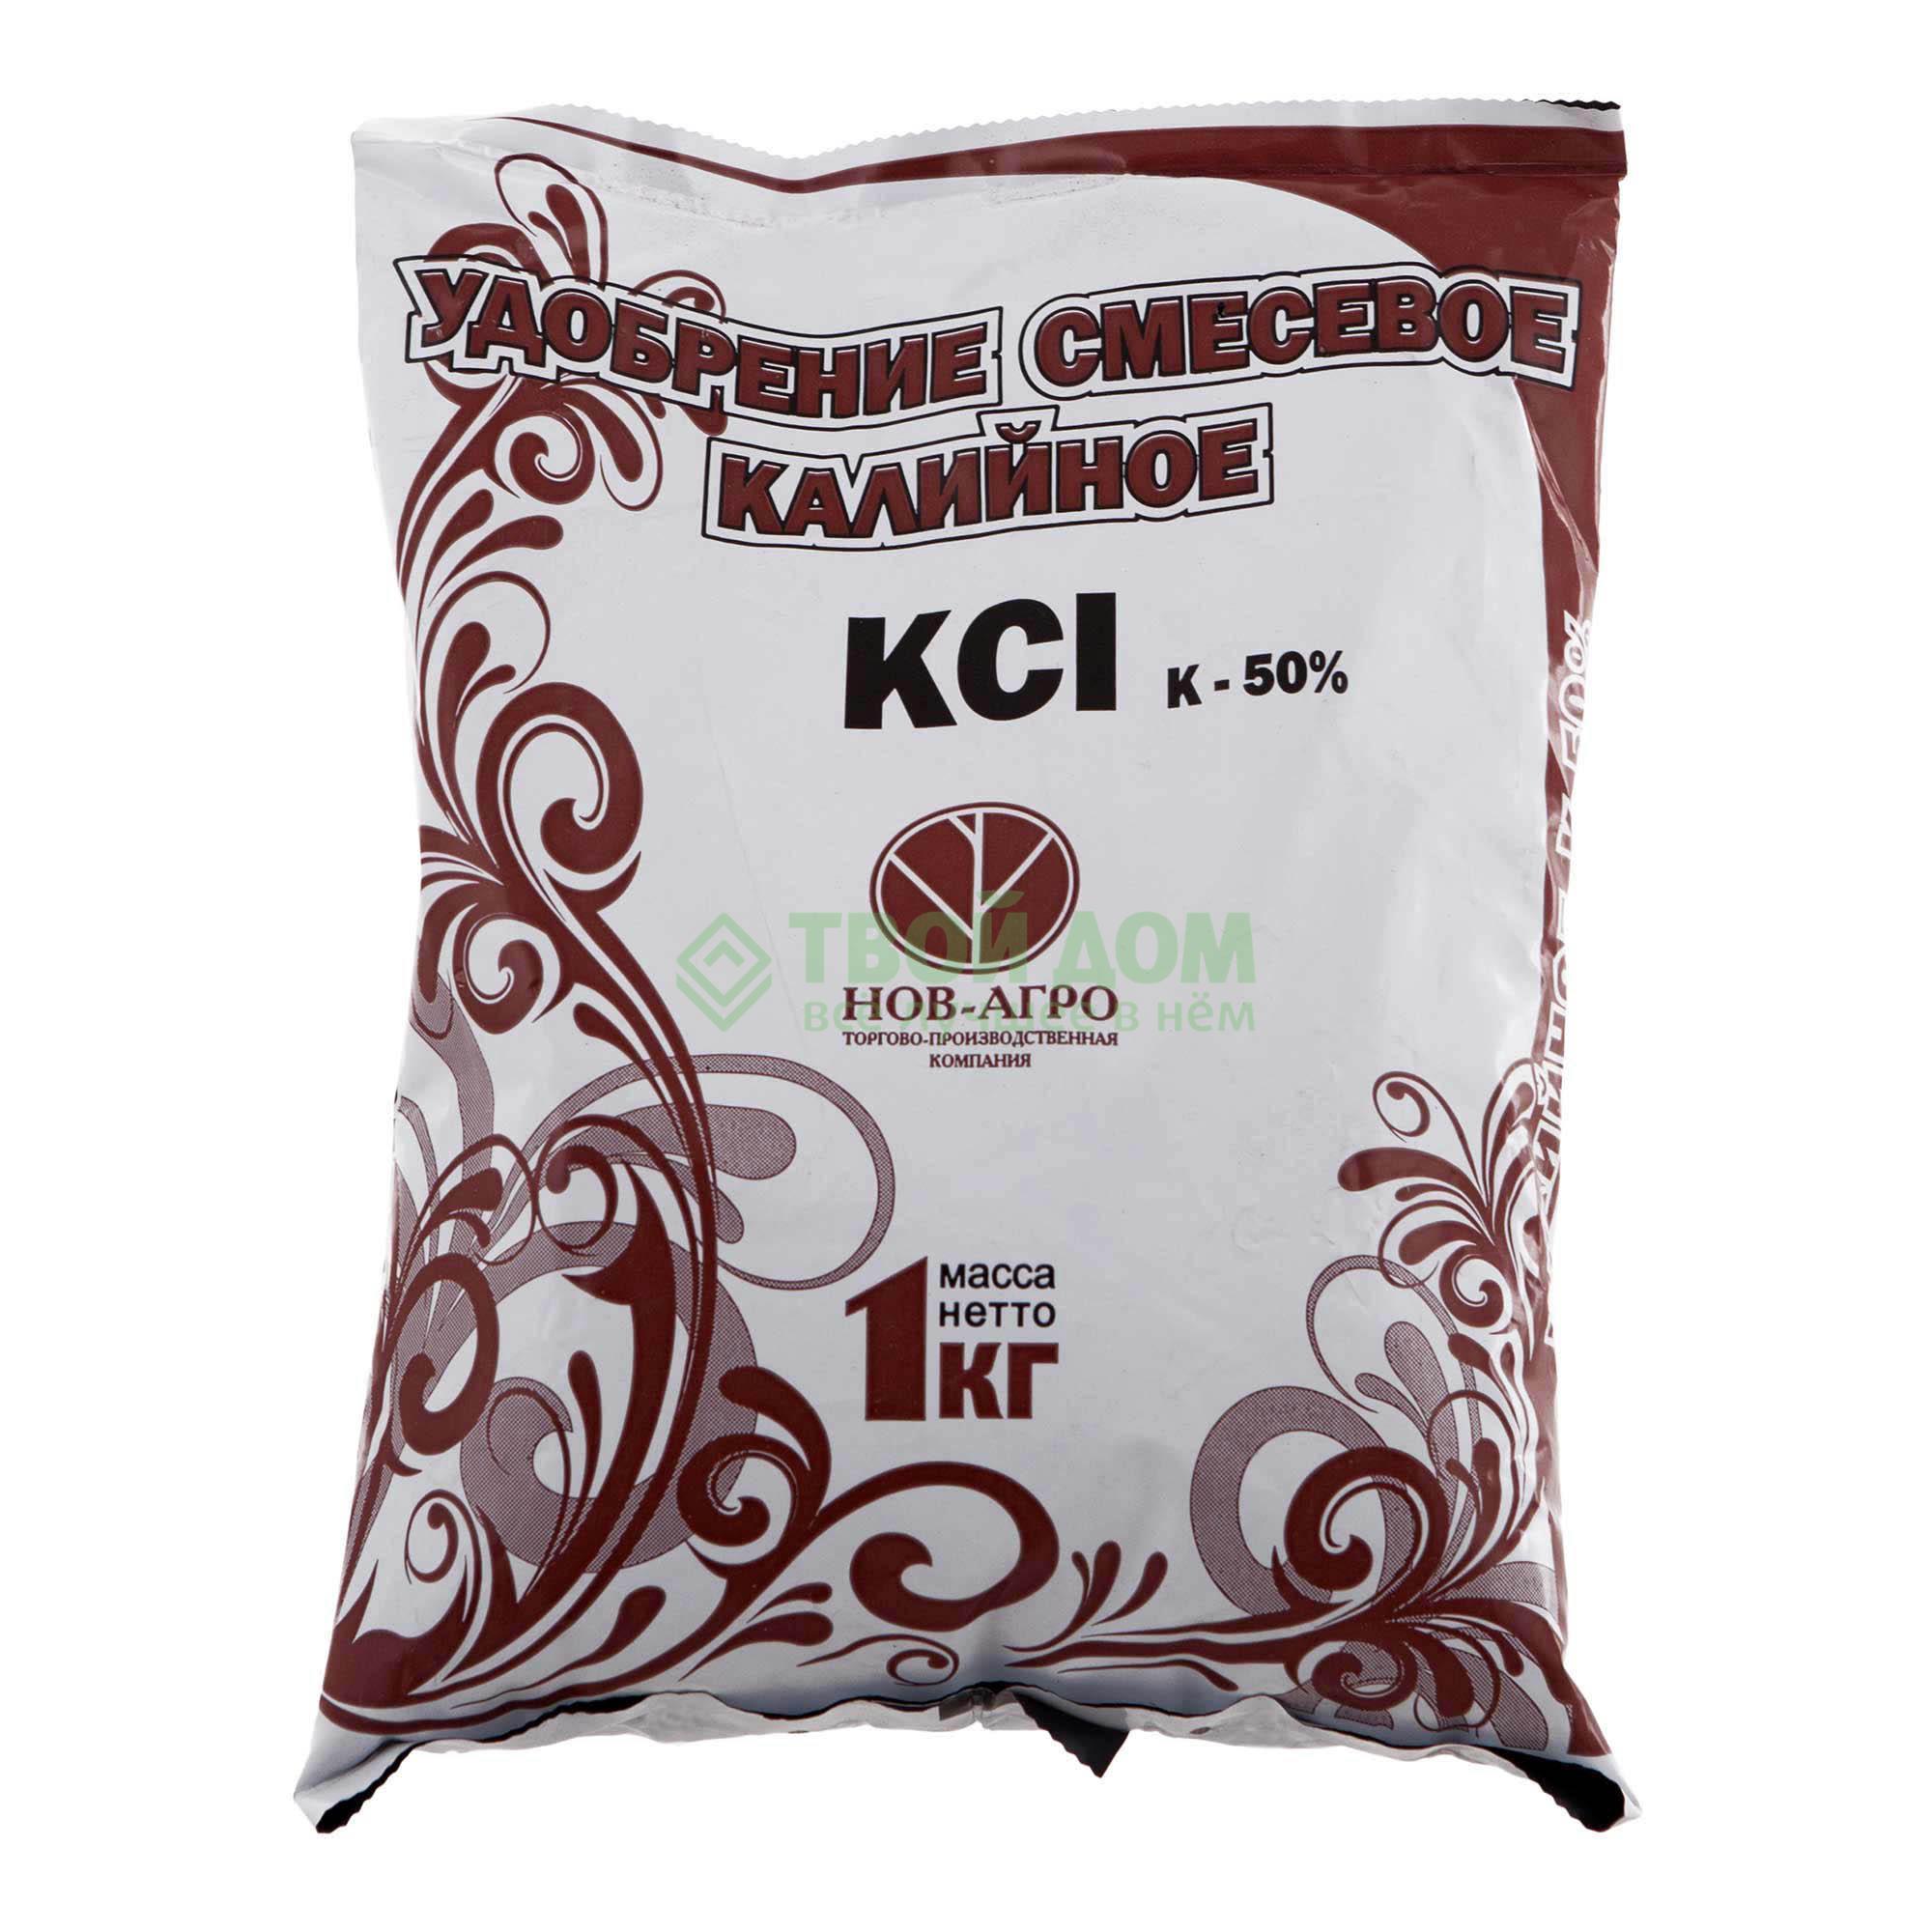 Удобрение Нов-Агро Смесевое Калийное Хлористый калий 1кг азотно фосфорно калийное нов агро 1 кг